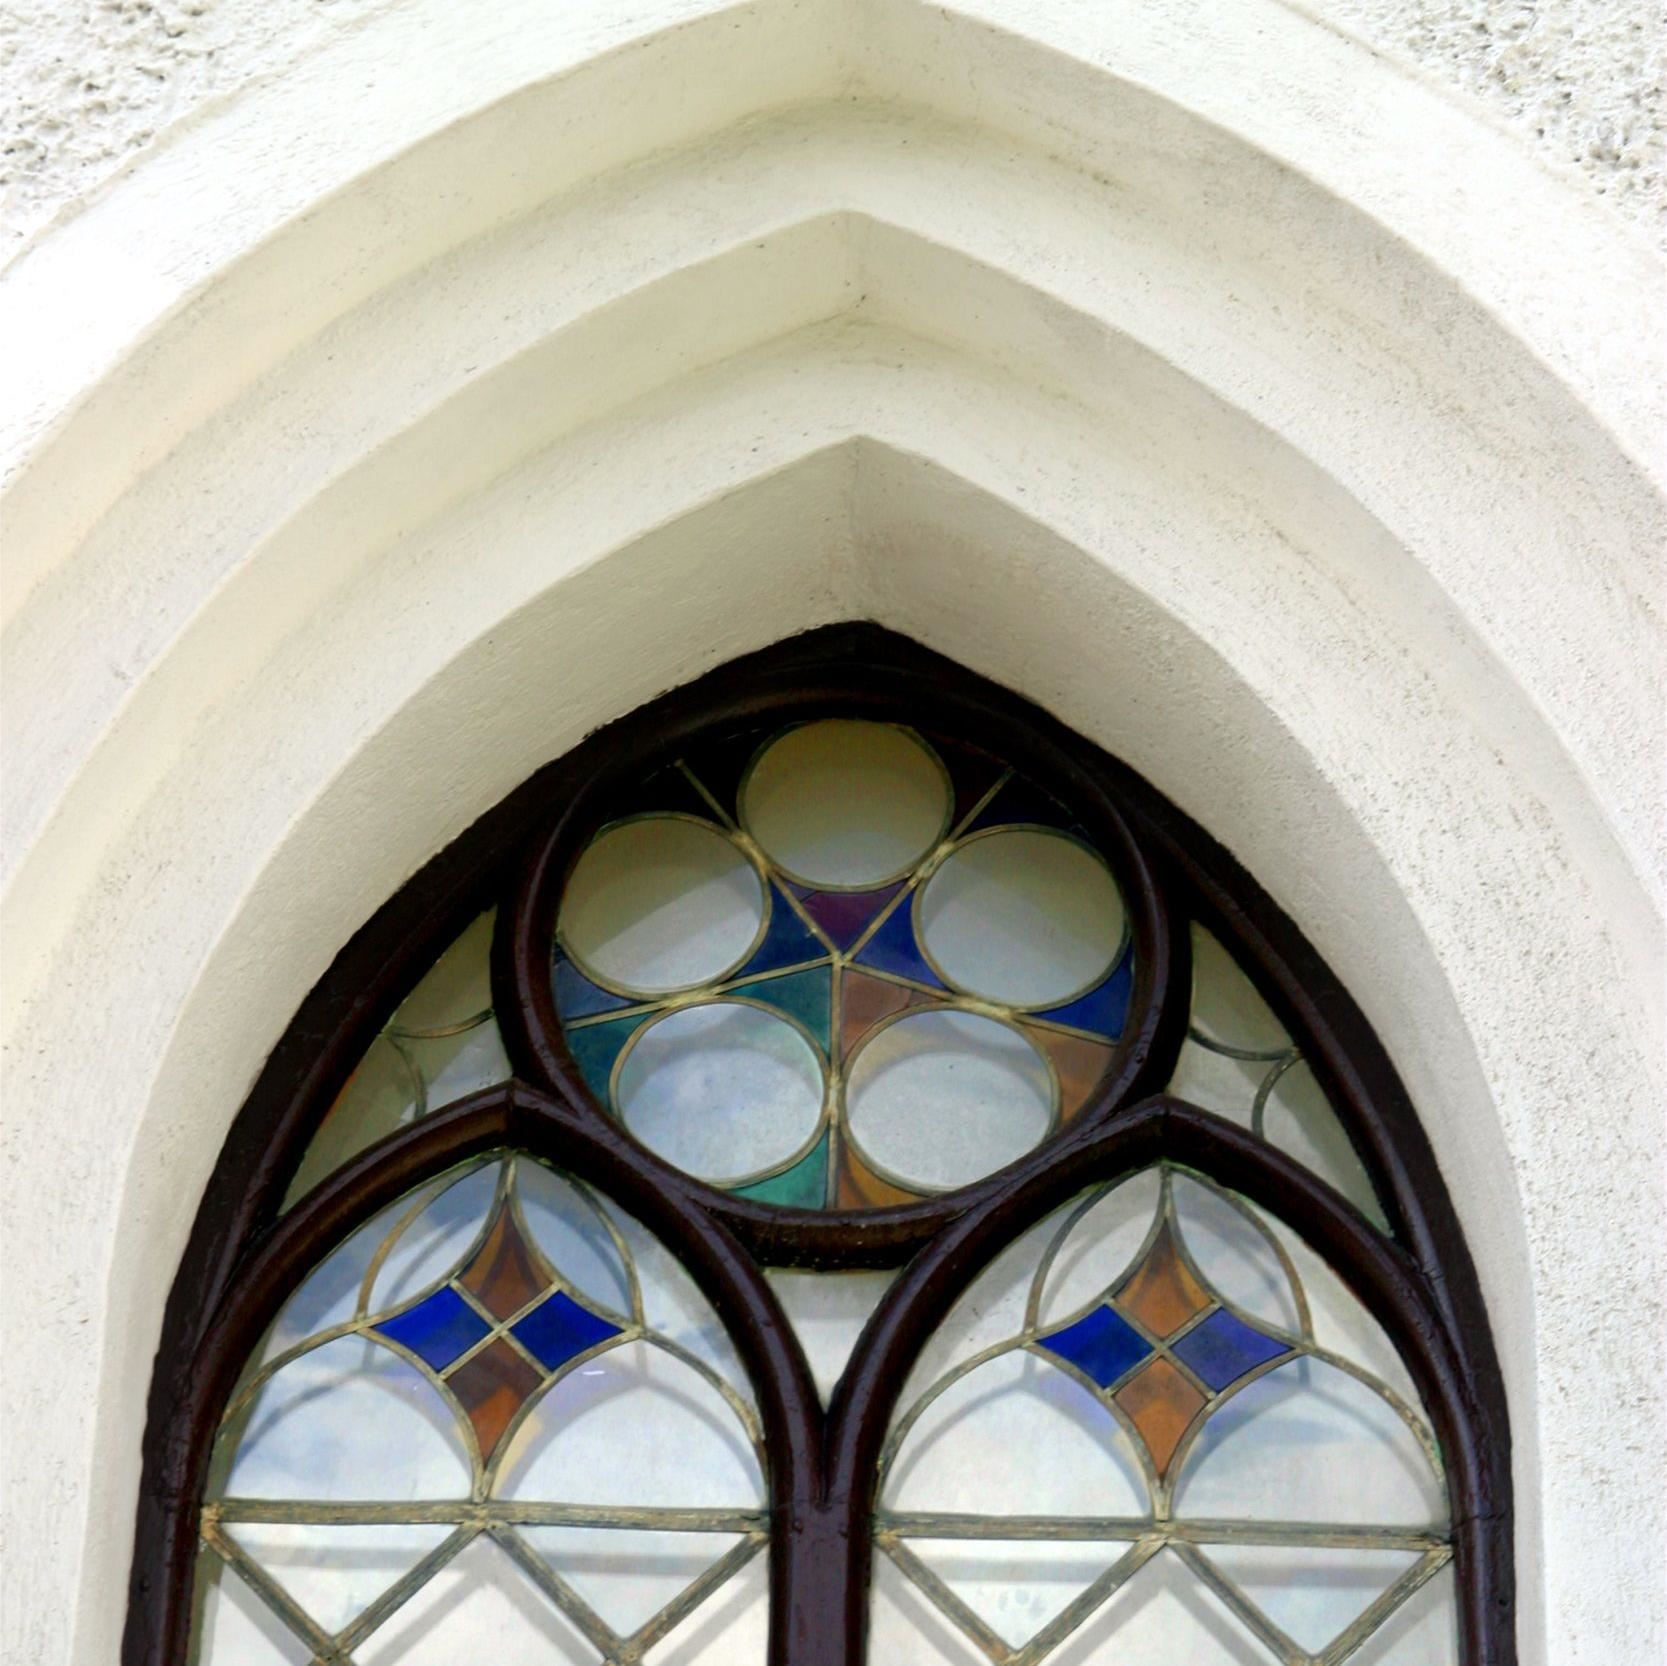 © Kävlinge kommun, Virke Kirche